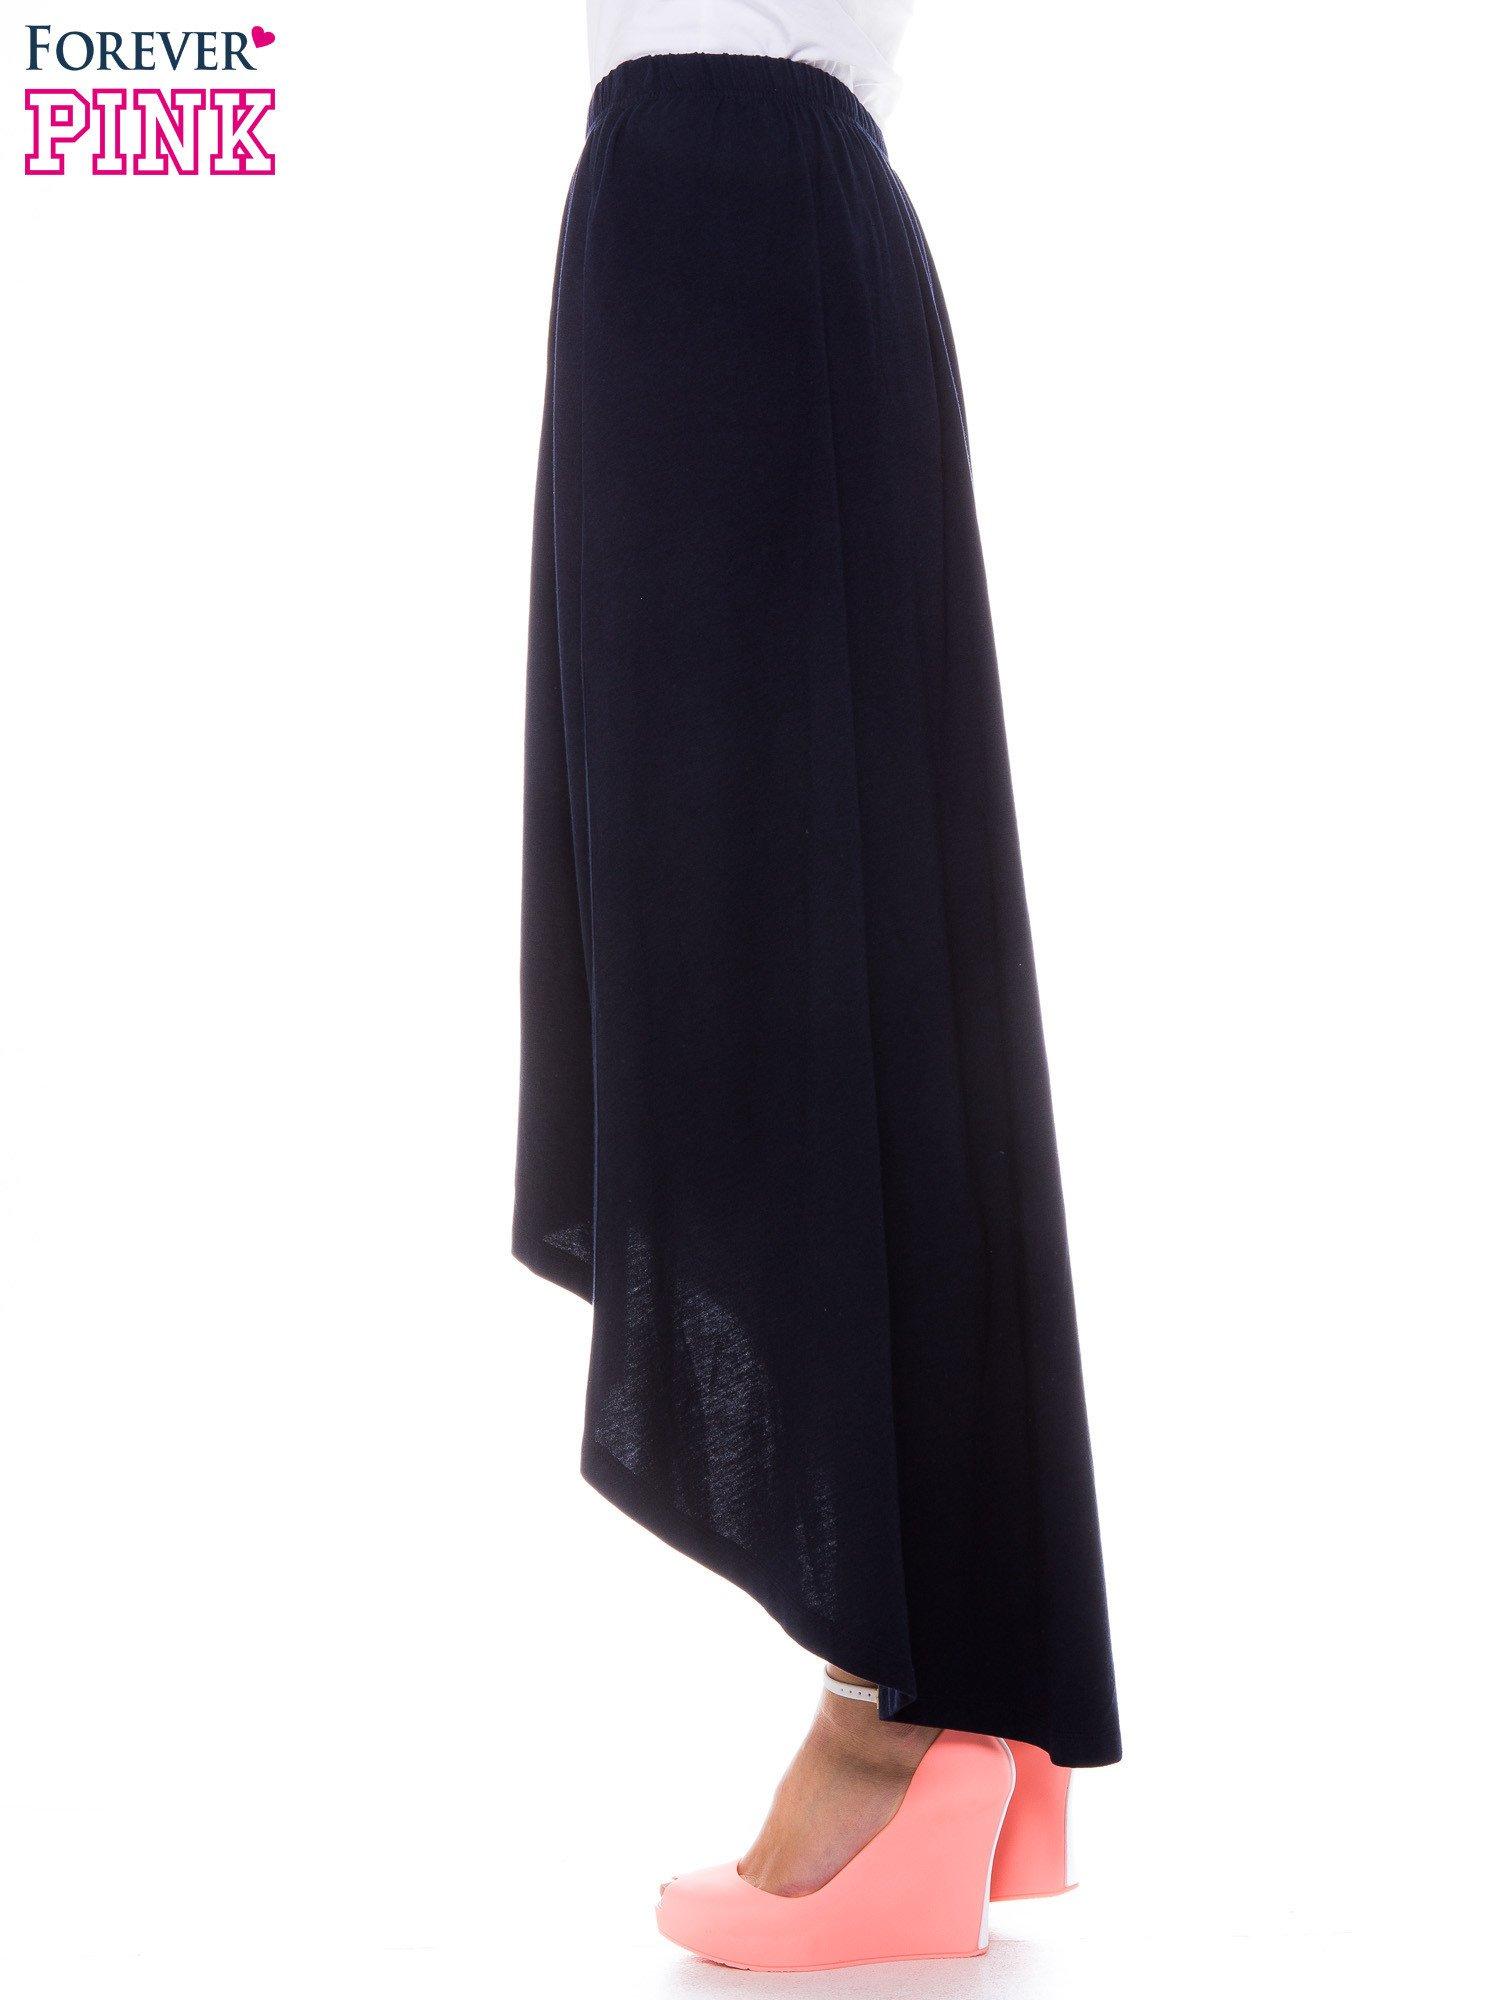 Granatowa zwiewna spódnica z dłuższym tyłem                                  zdj.                                  2